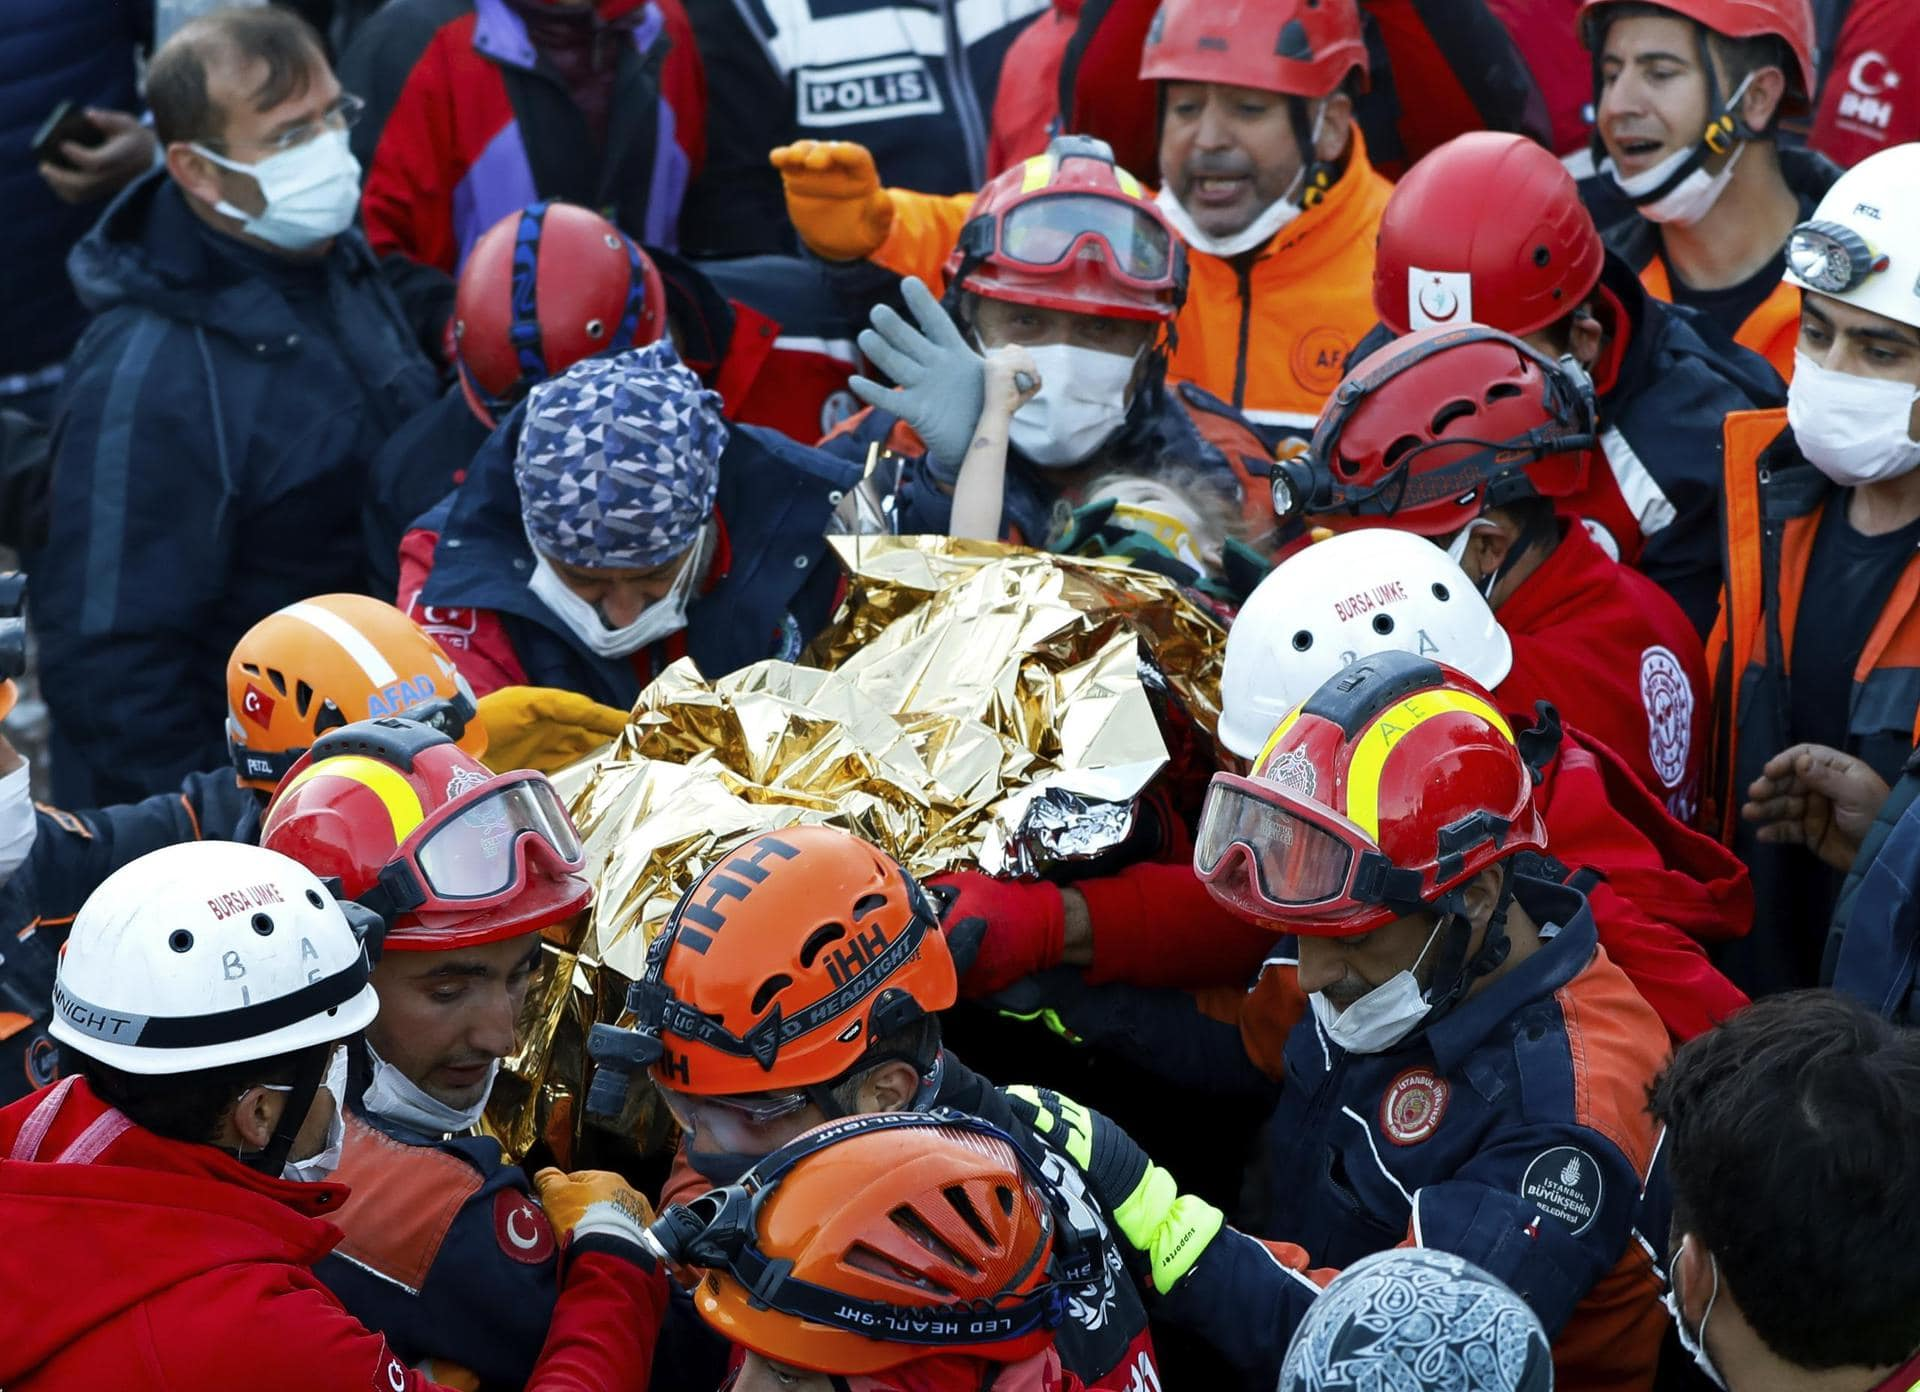 Dreijährige nach 65 Stunden aus Trümmern gerettet Jubel in Izmir nach schwerem Erdbeben in der Türkei